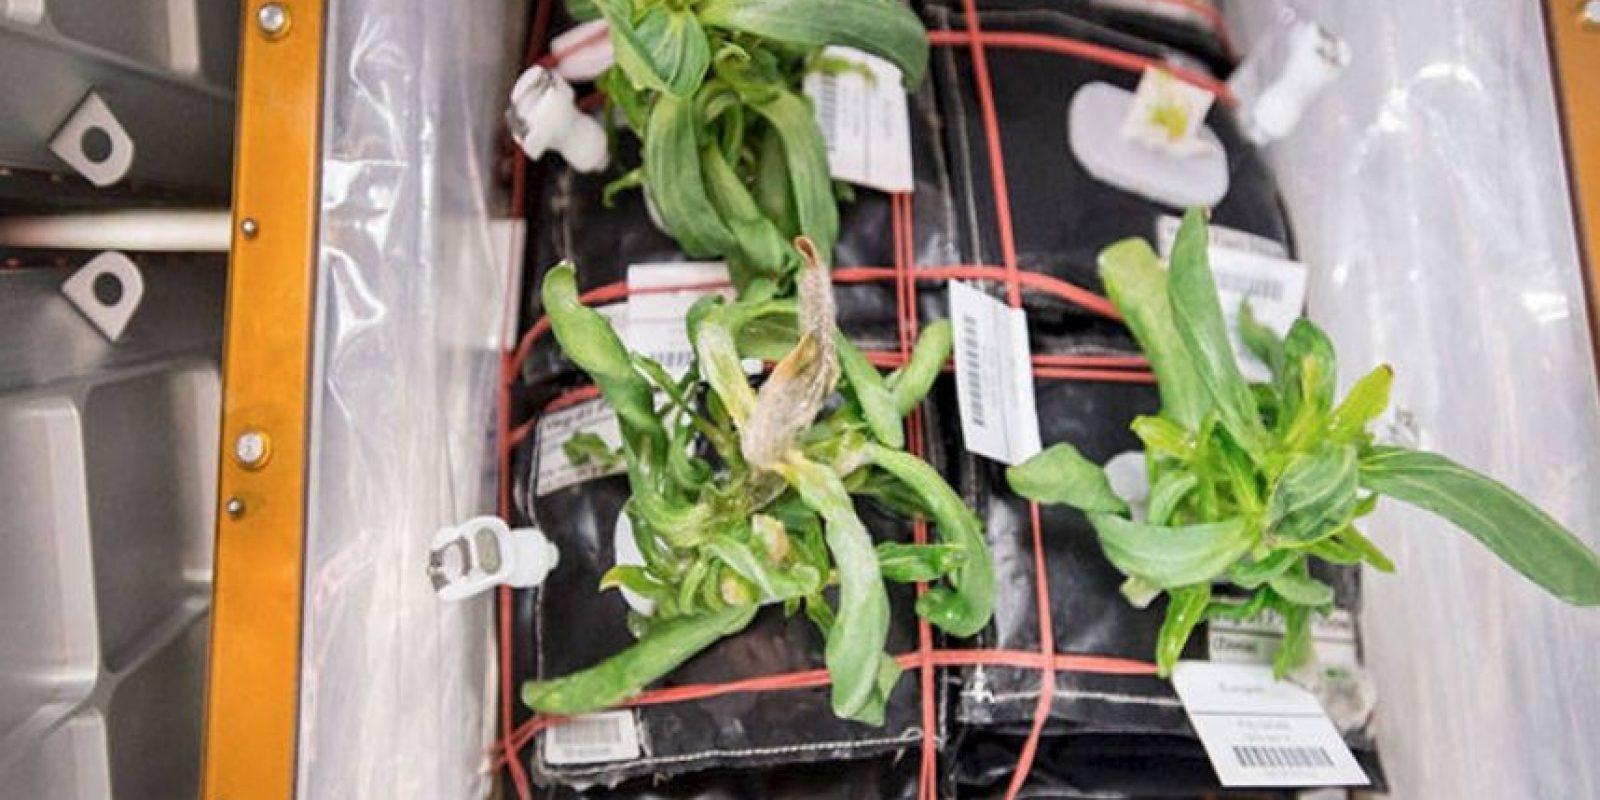 Y crear jardineros autónomos. Foto:Vía nasa.gov